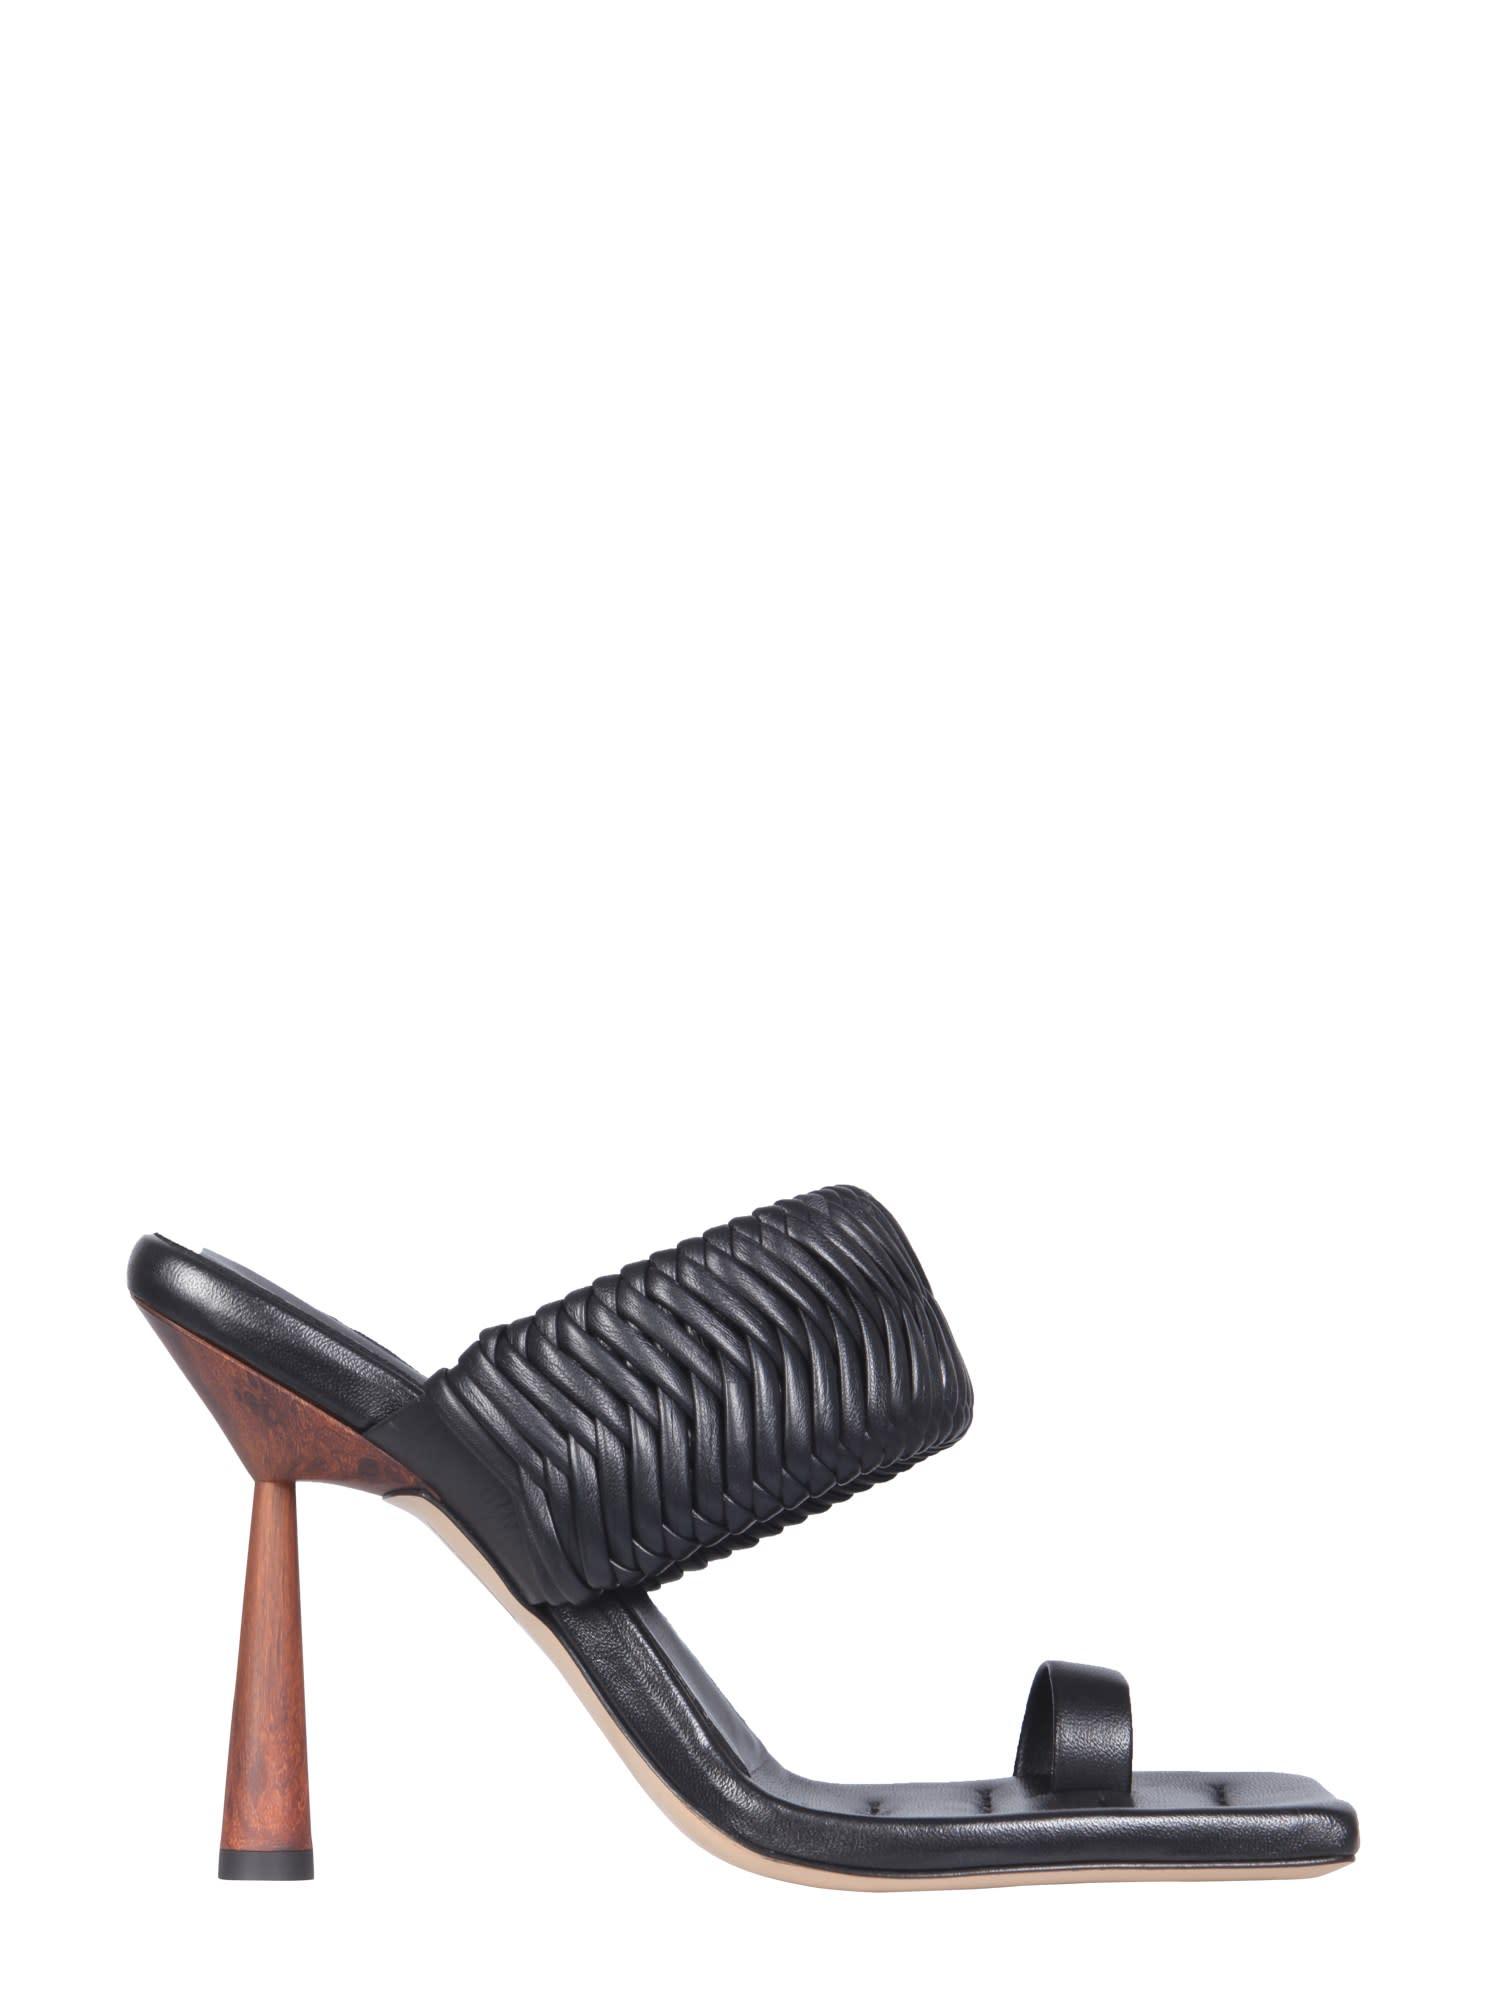 Rosie One Sandals